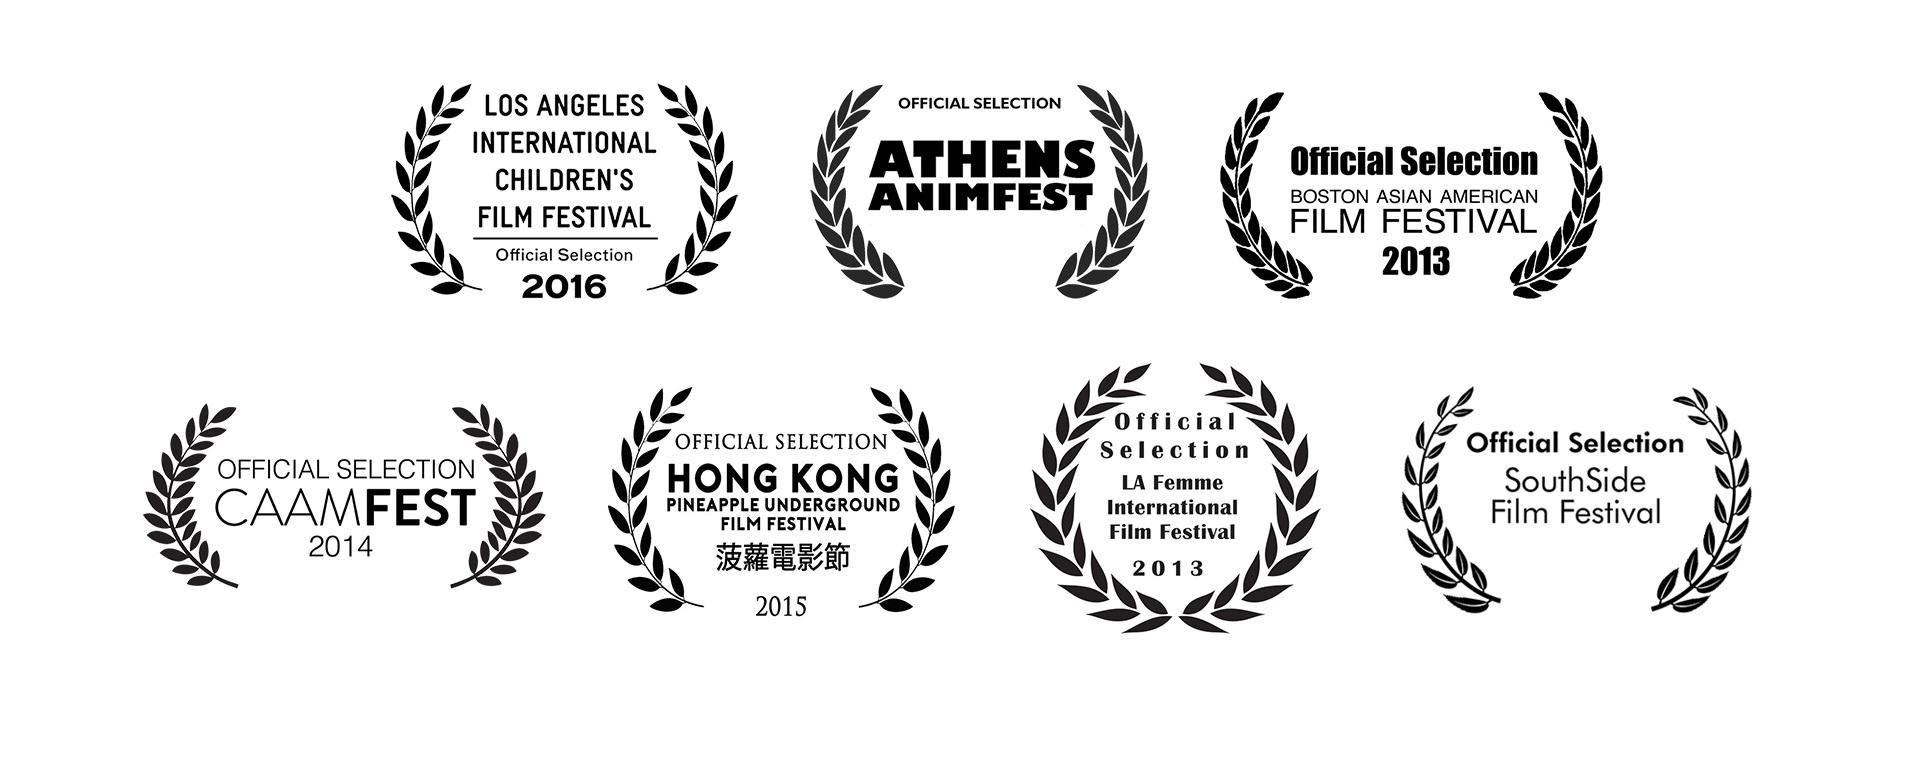 mei-film-festivals.jpg